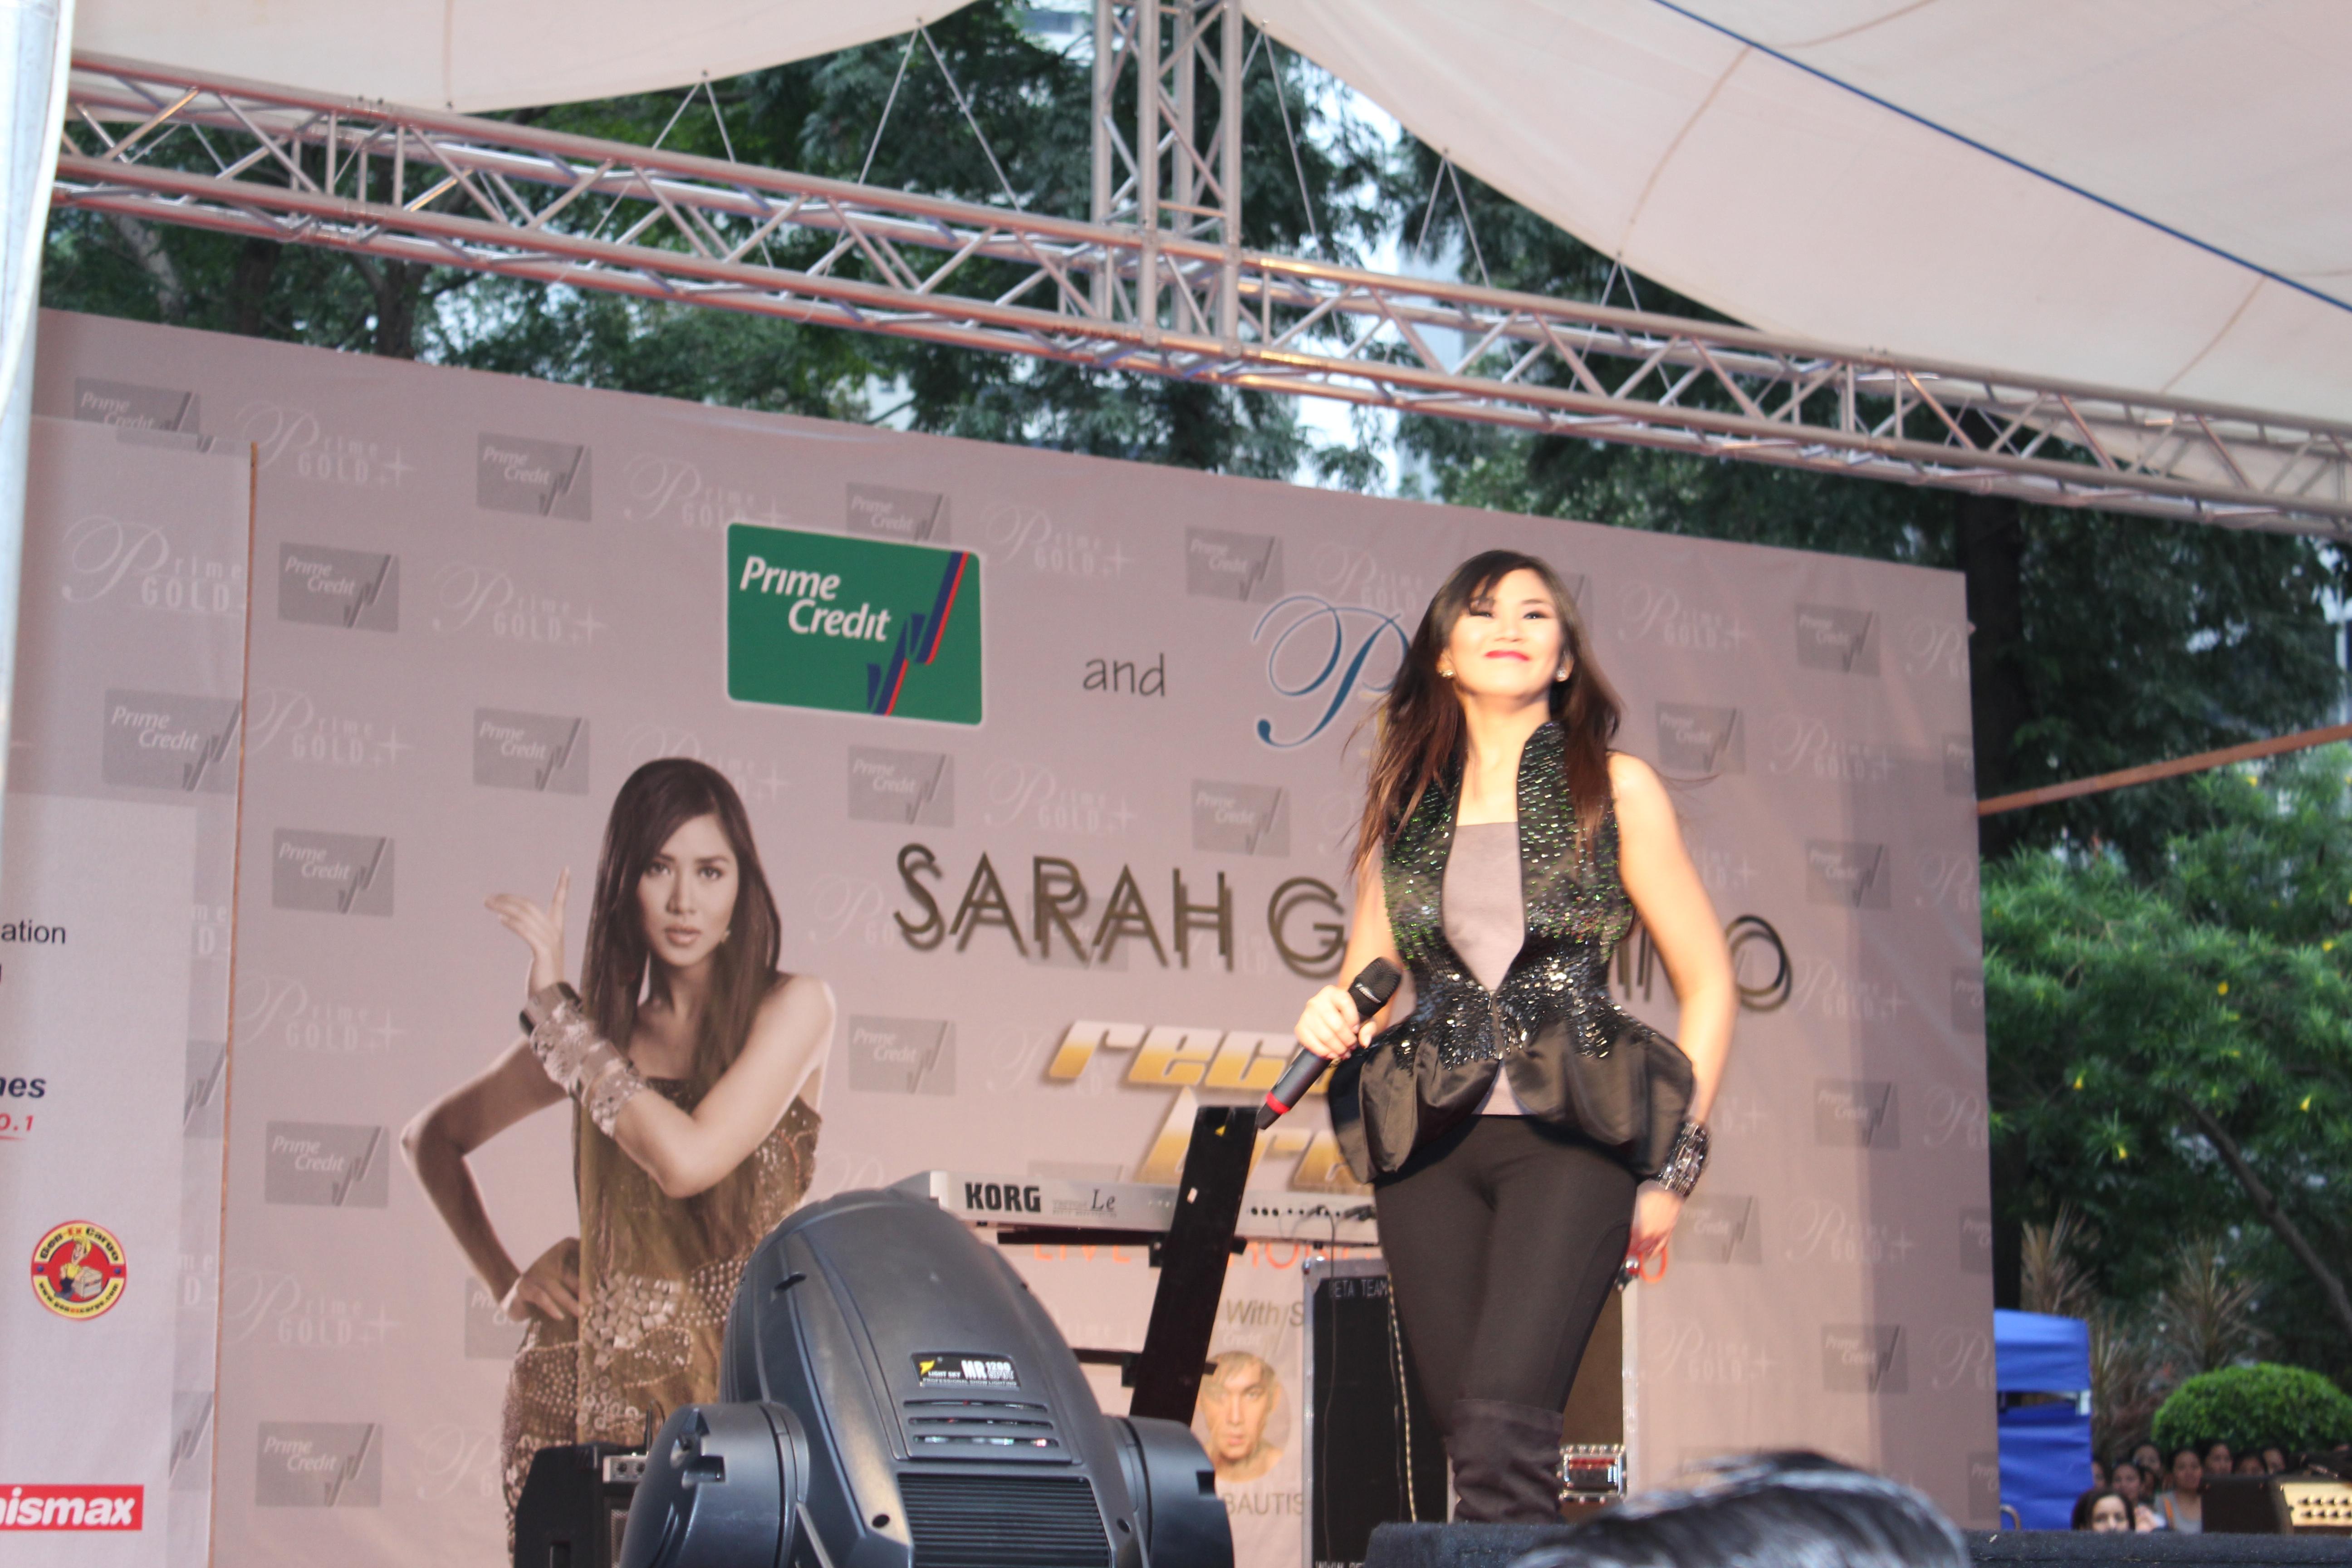 Sarah Geronimo Legs Princess, sarah geronimo